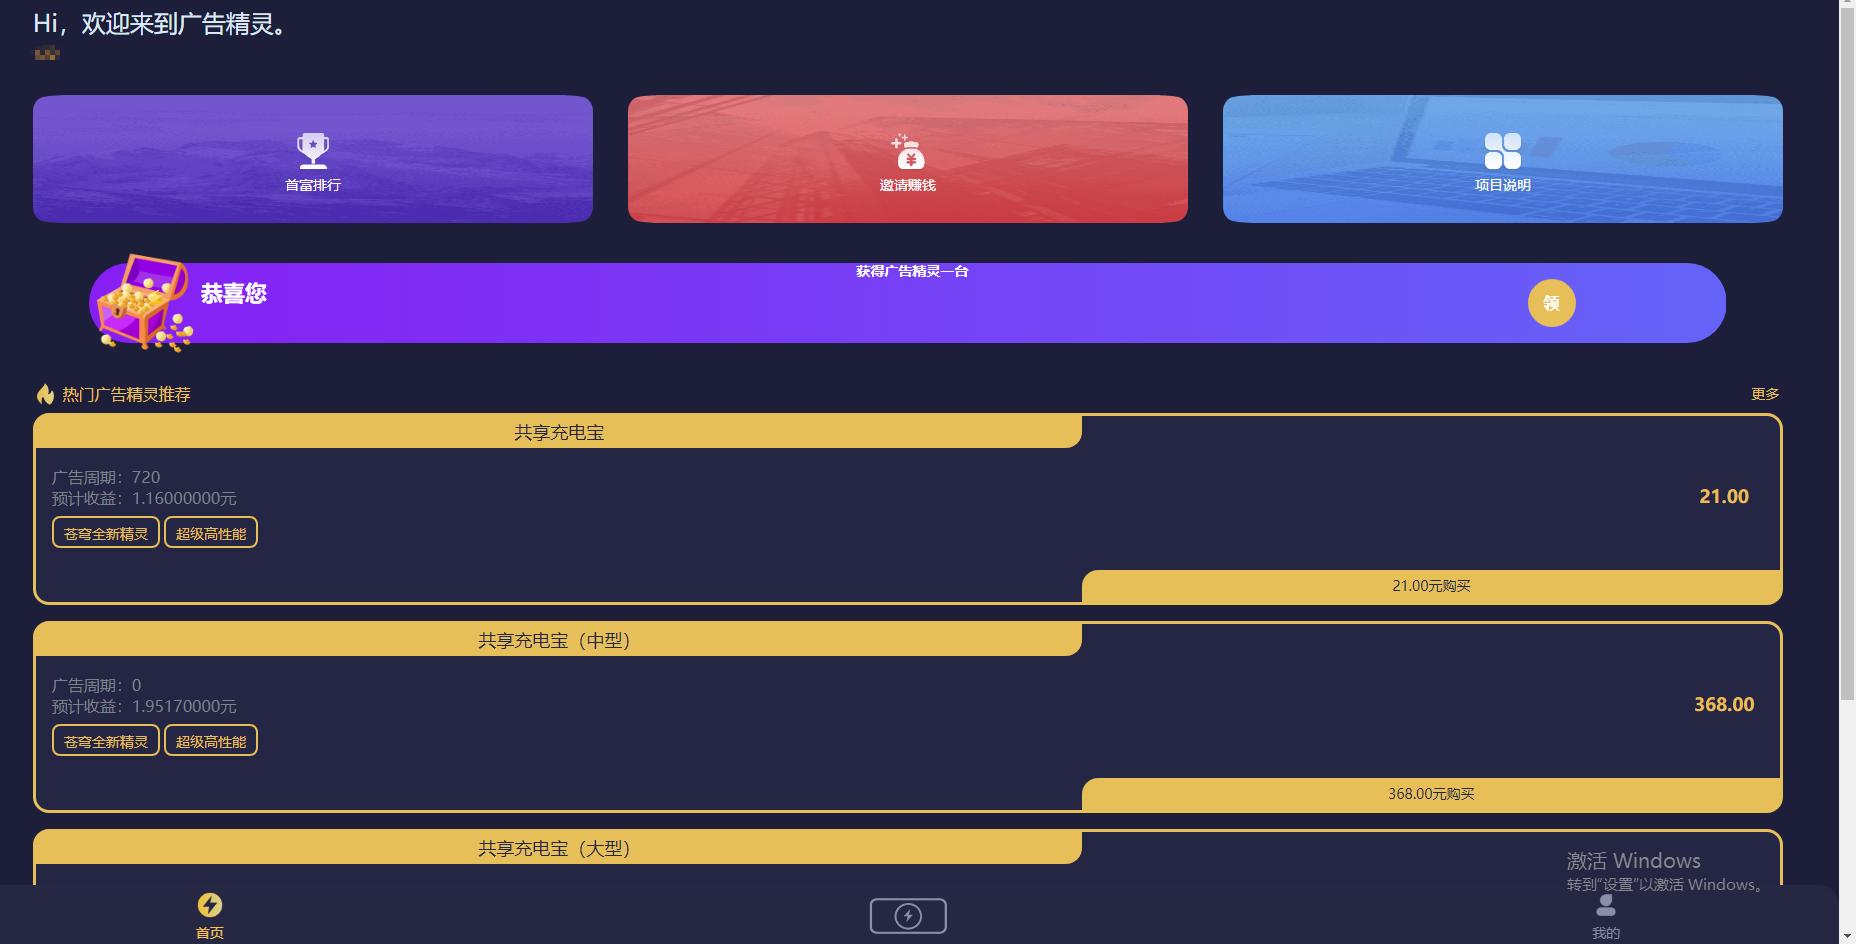 苍穹广告精灵区块链源码7.21更新版 区块链源码 第1张